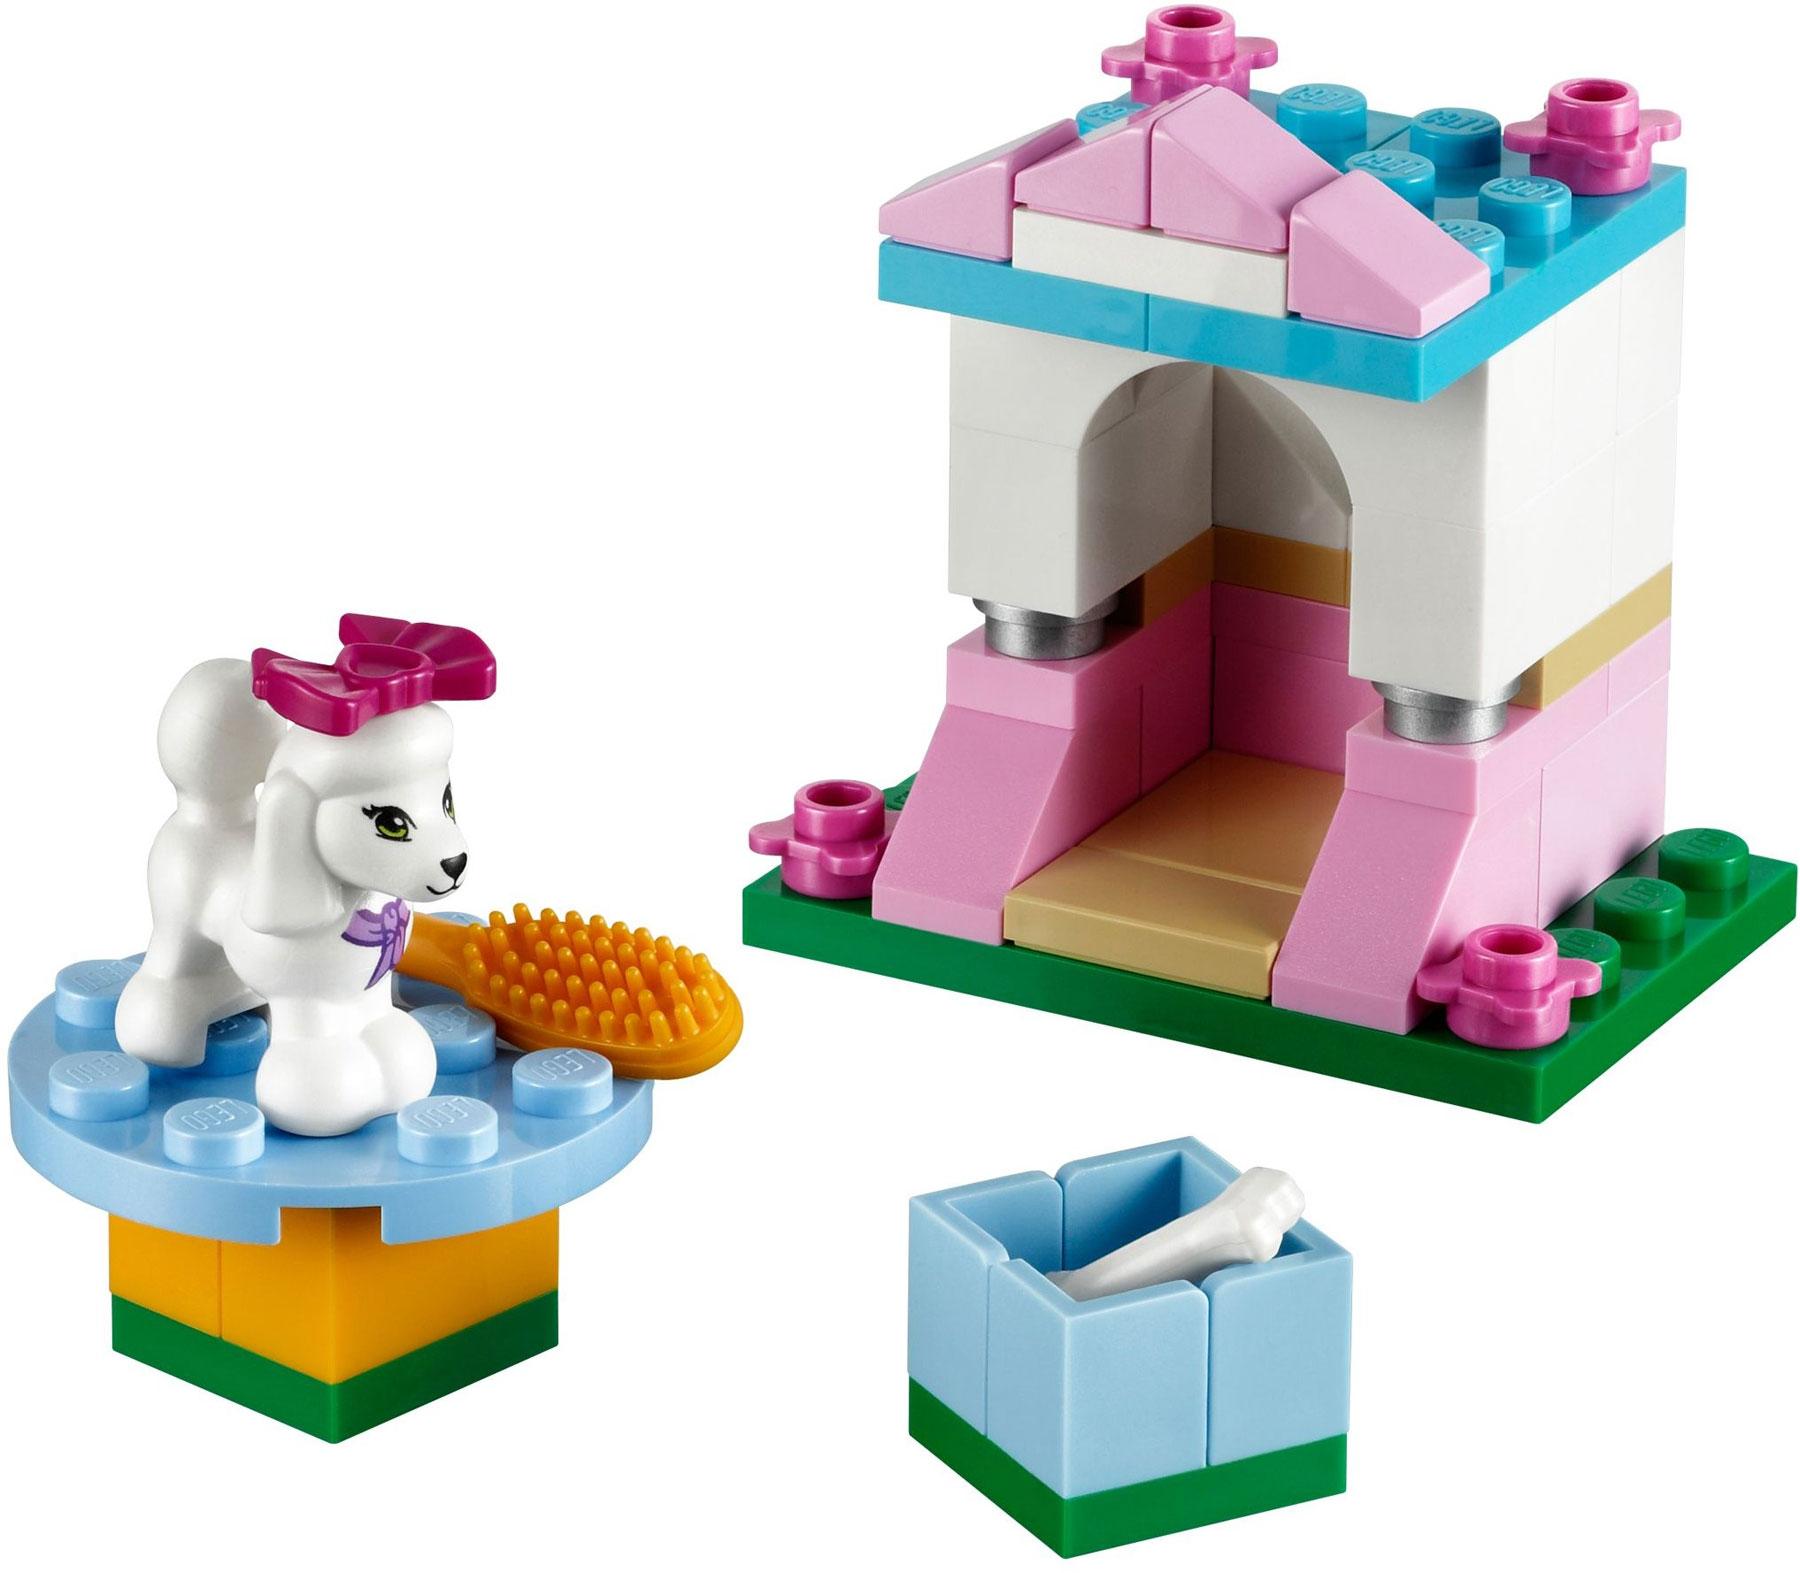 Lego 41021 - Lego Friends